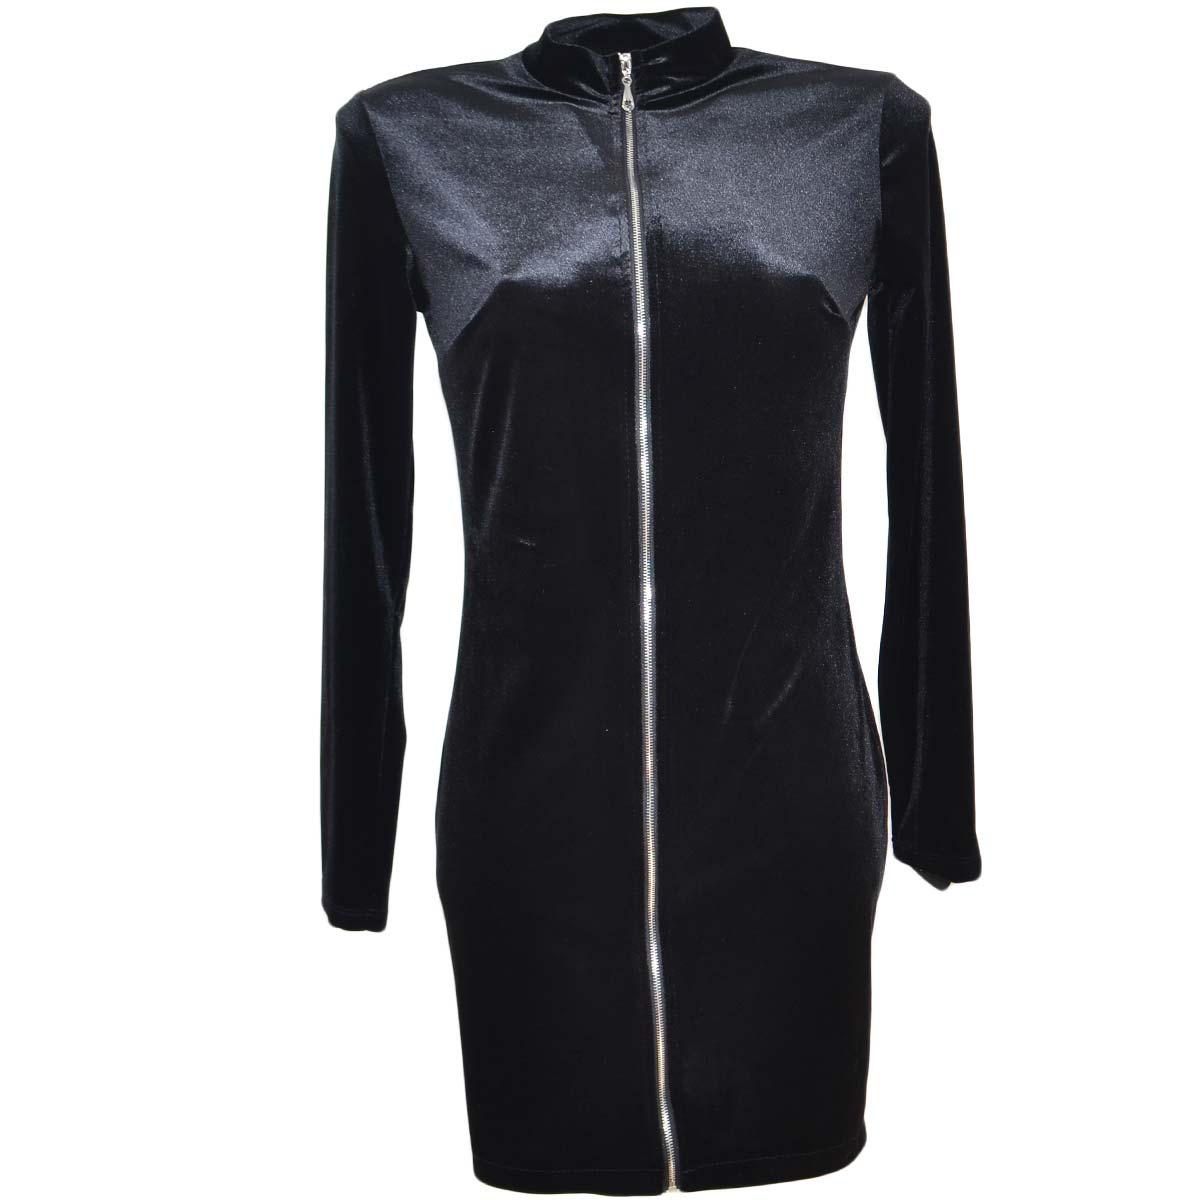 huge selection of a5828 62280 Abito donna aderente corto in ciniglia nero slim fit con zip frontale linea  basic moda trendy donna abiti Made in italy | MaluShoes